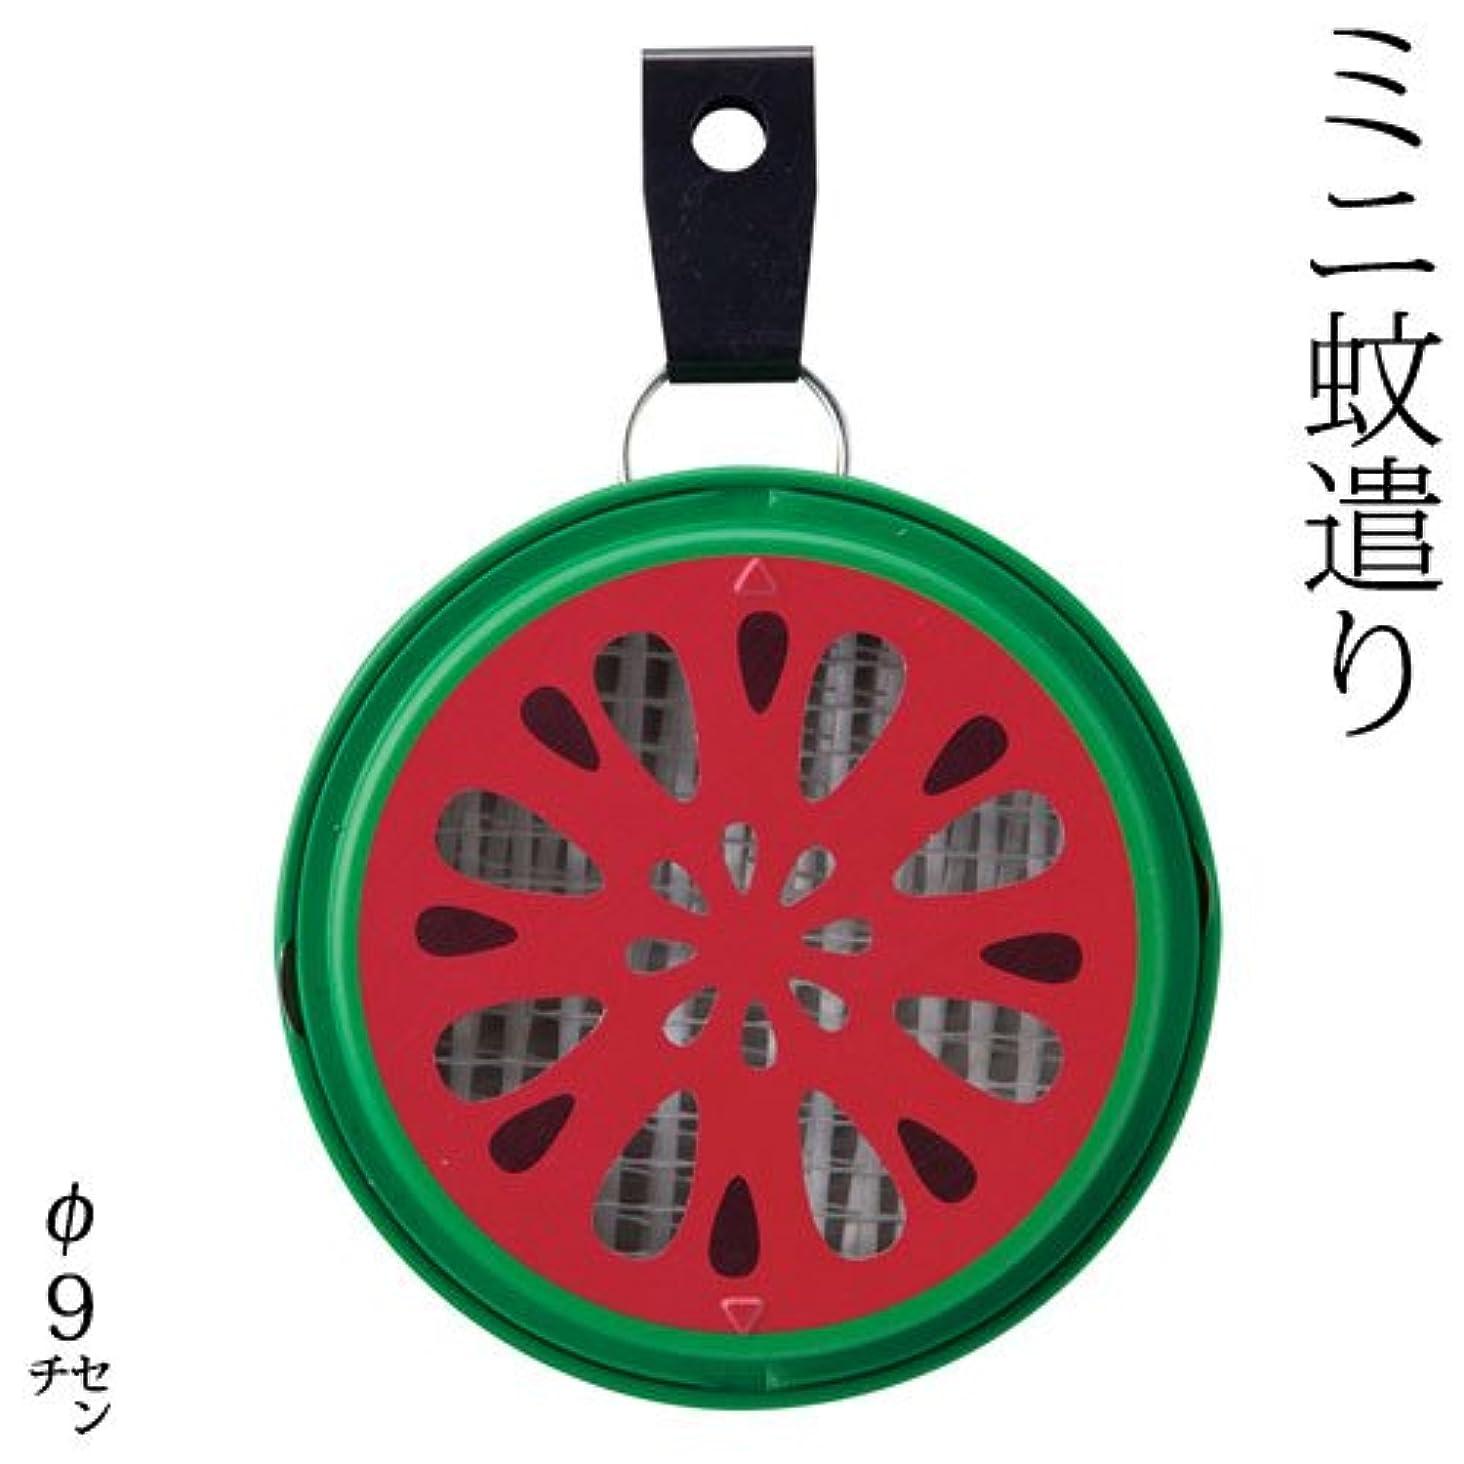 雨の適応的どれかDECOLEポータブルミニ蚊遣りスイカ (SK-87516)吊り下げ?床置き対応Portable mini Kayari